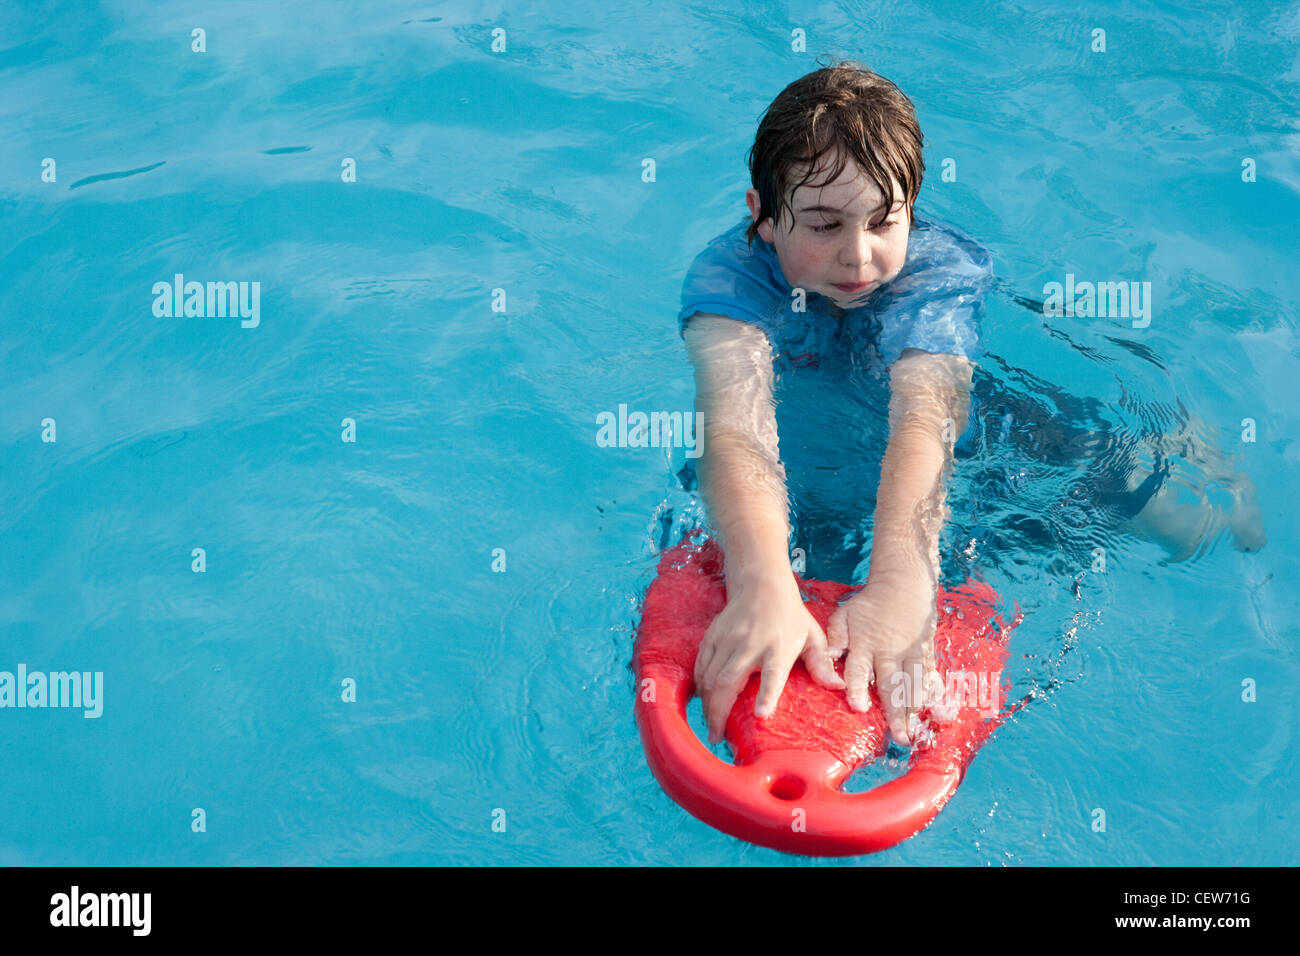 Douze ans flotte dans une piscine avec un dispositif de flottaison rouge. Photo Stock